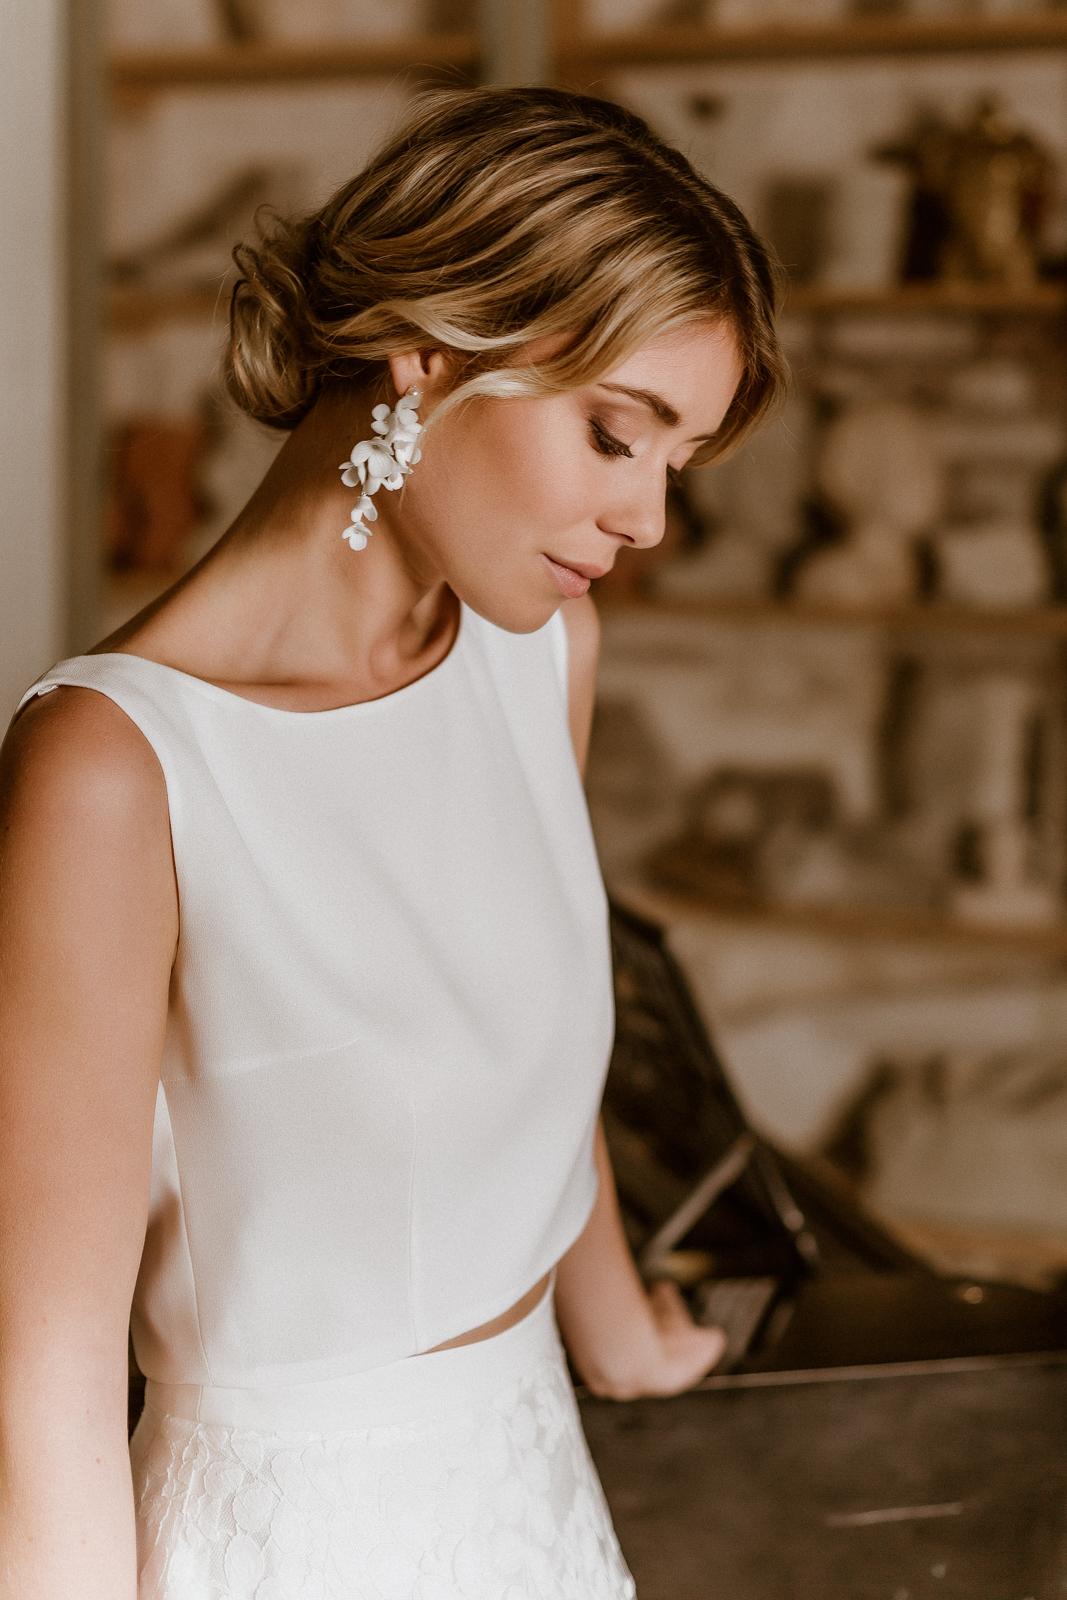 Wadenlanges Brautkleid mit schlichtem, ärmellosem Top